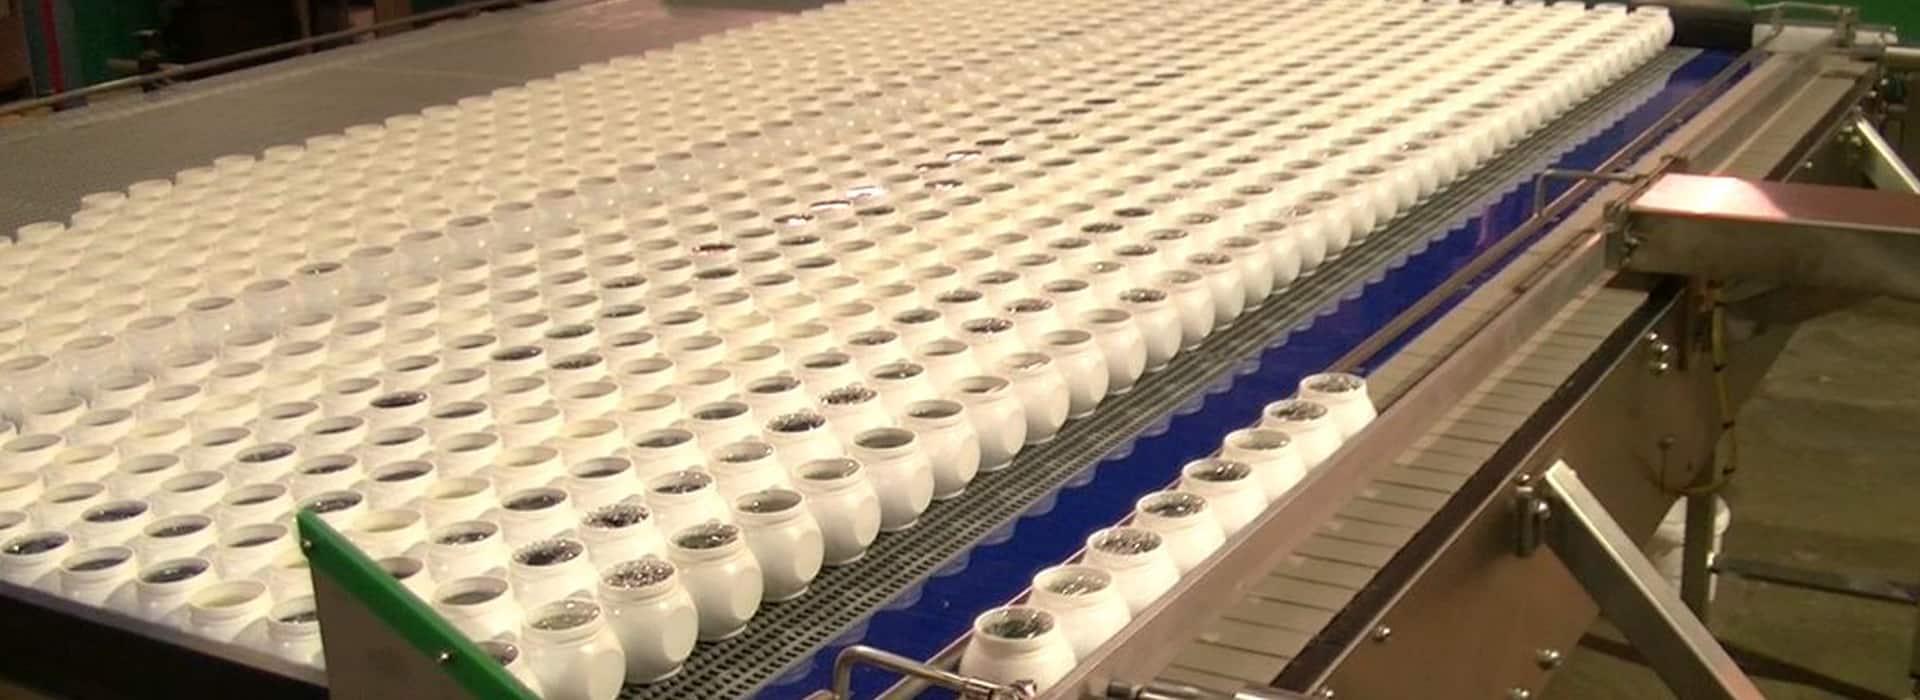 MS George Filling Line | Euroflow Automation Ltd